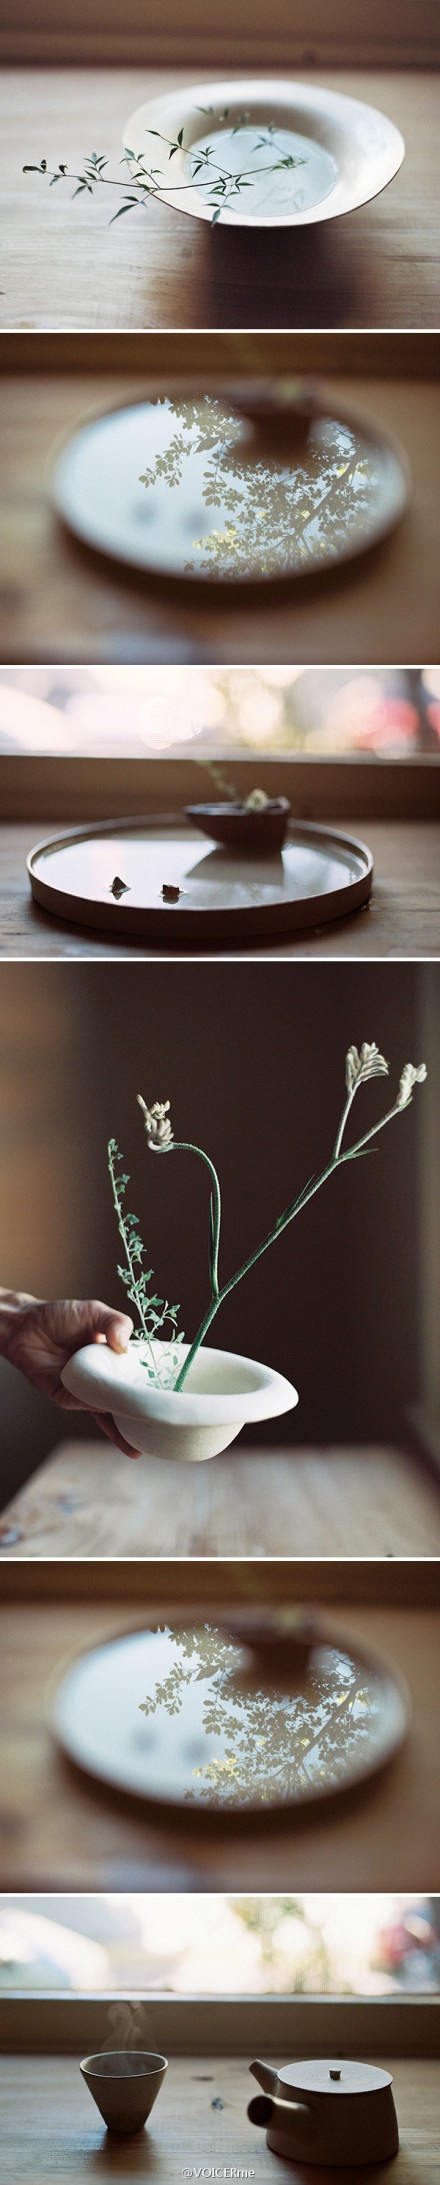 摄影|恬淡静谧,温暖优雅,是春日的香气,是生活的况味。(YOKO OZAWA: KOMOREBI, photographs)